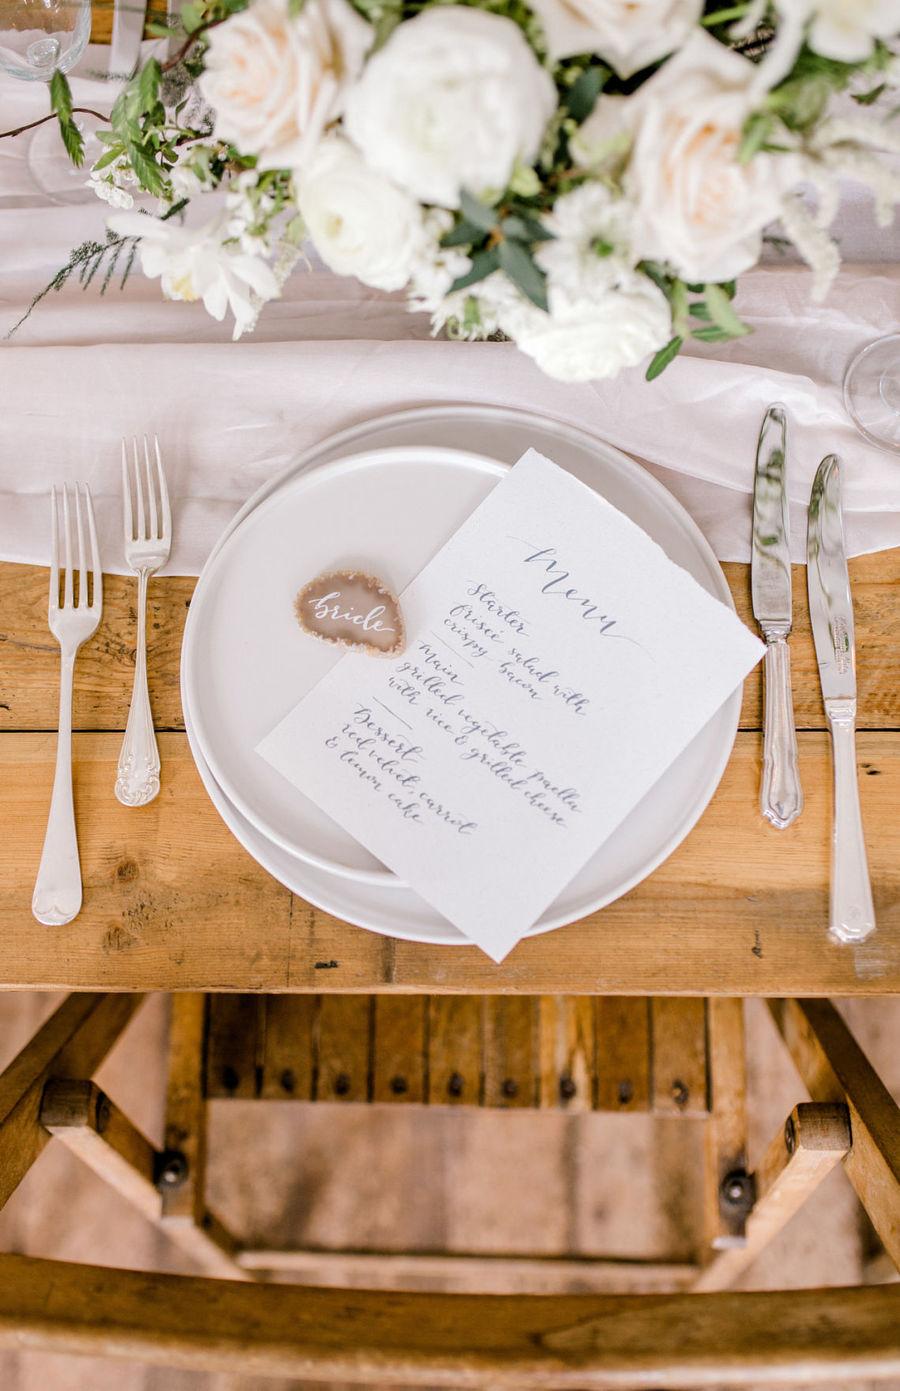 Minimal elegant wedding style ideas by Wildflower Wedding Planner Natasha, images Helene Elliott Photography (28)